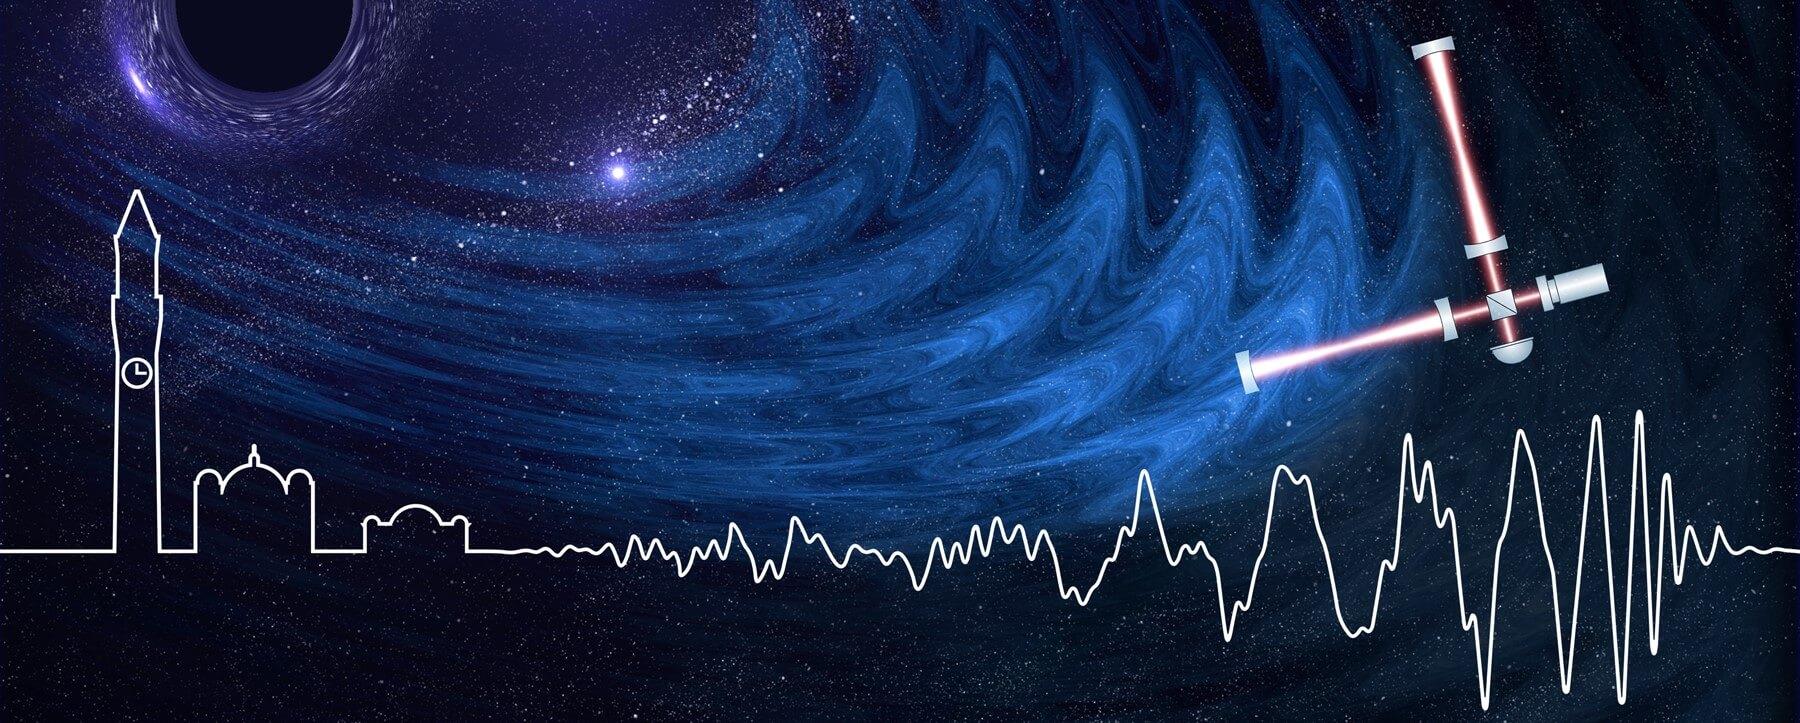 Физики зафиксировали квантовый шум в лаборатории LIGO – что нужно знать?